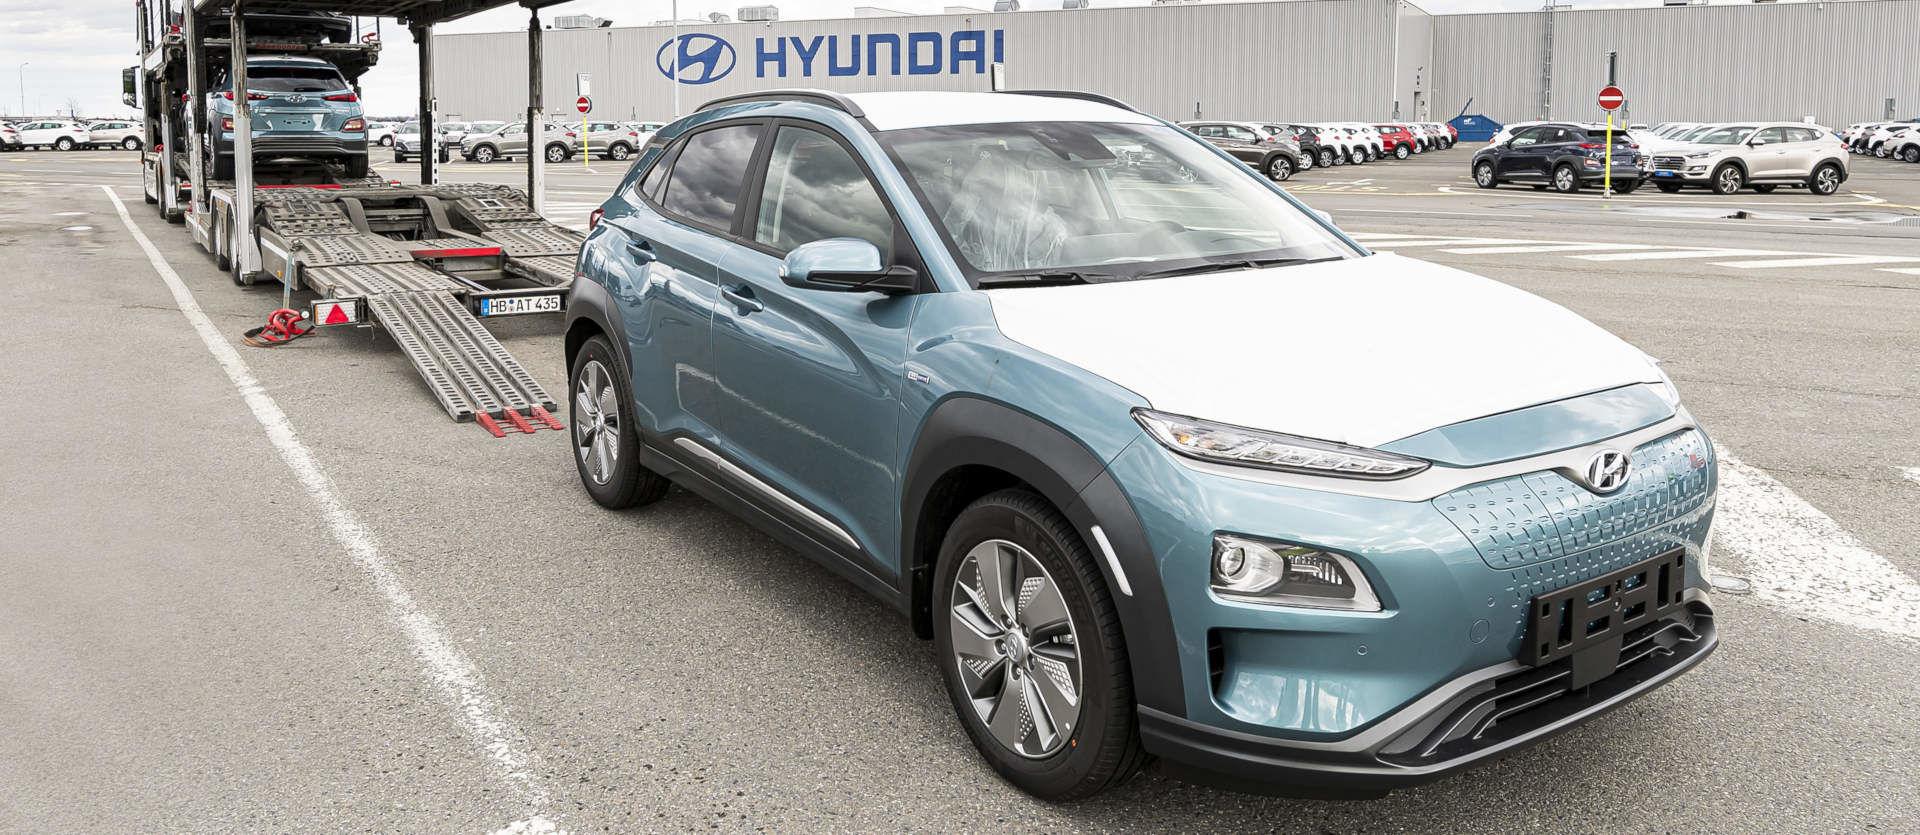 Hyundai Kona Czech Republic electric car production deliveries